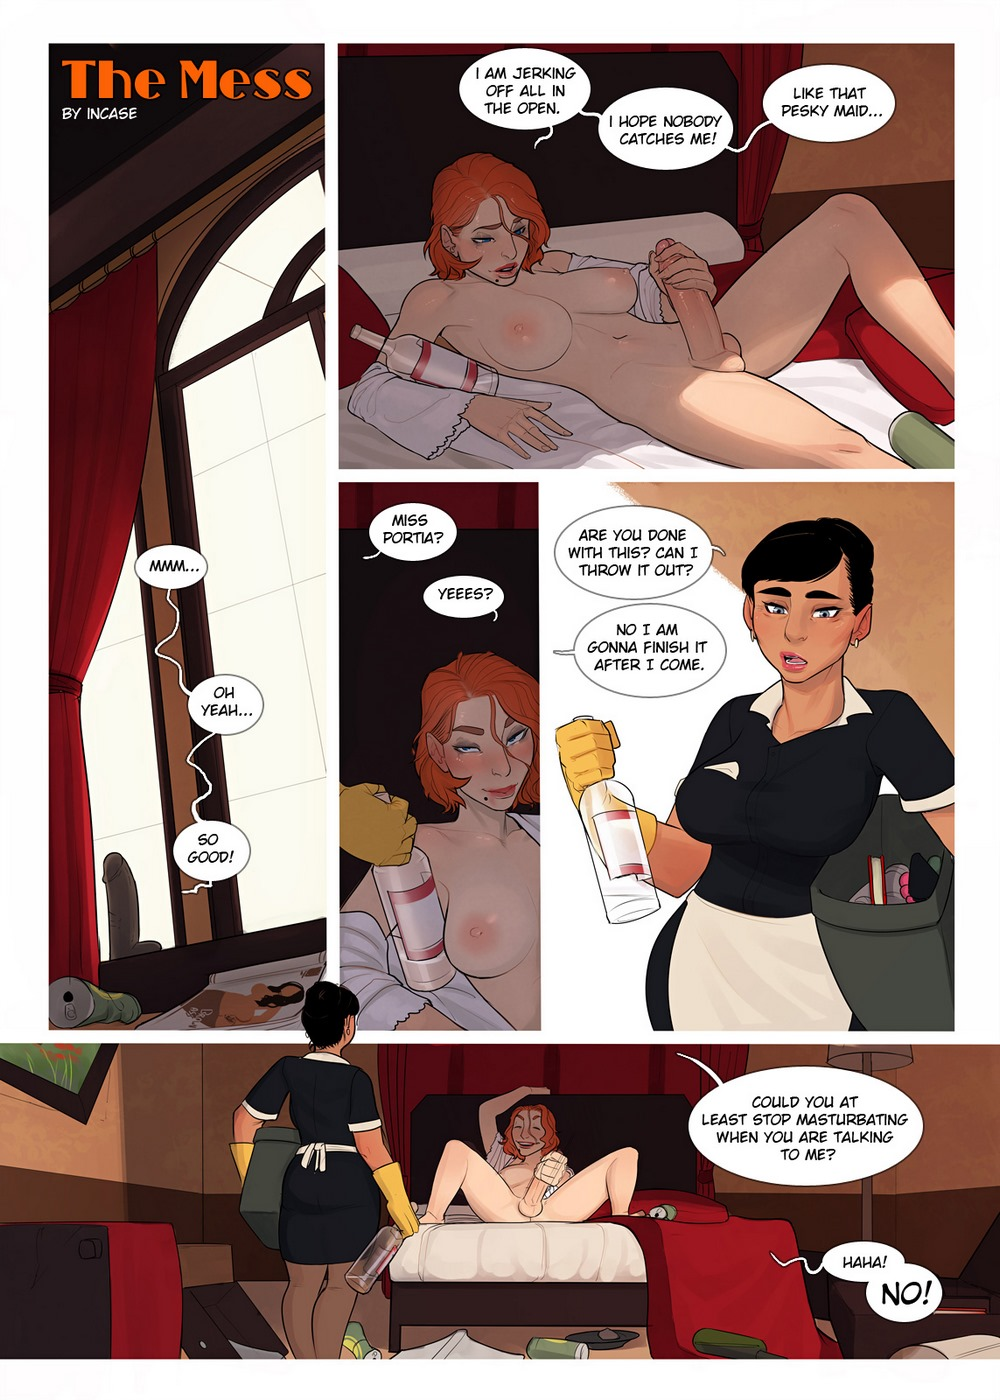 Porn Comics - InCase- The Mess 1 & 2 porn comics 8 muses